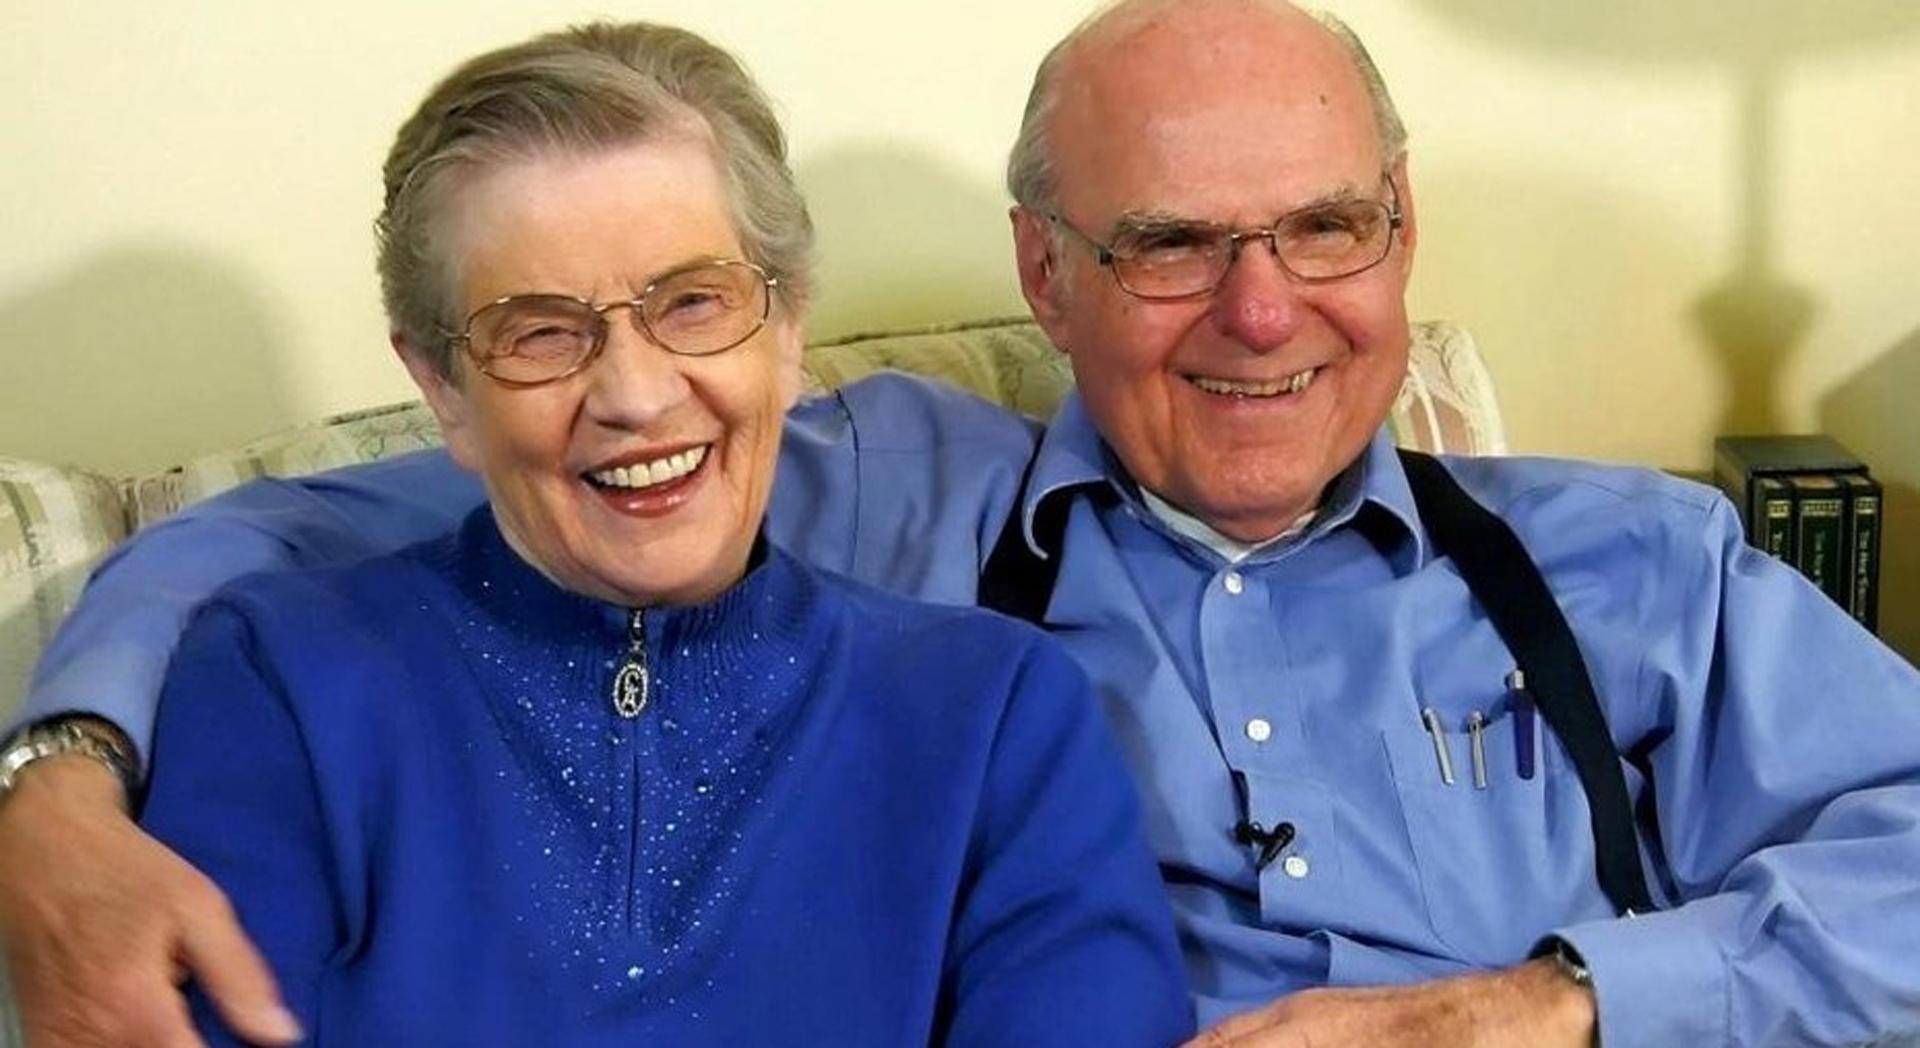 LaVonne Moore, abrazada por su marido, tiene implantado un marcapaso cerebral